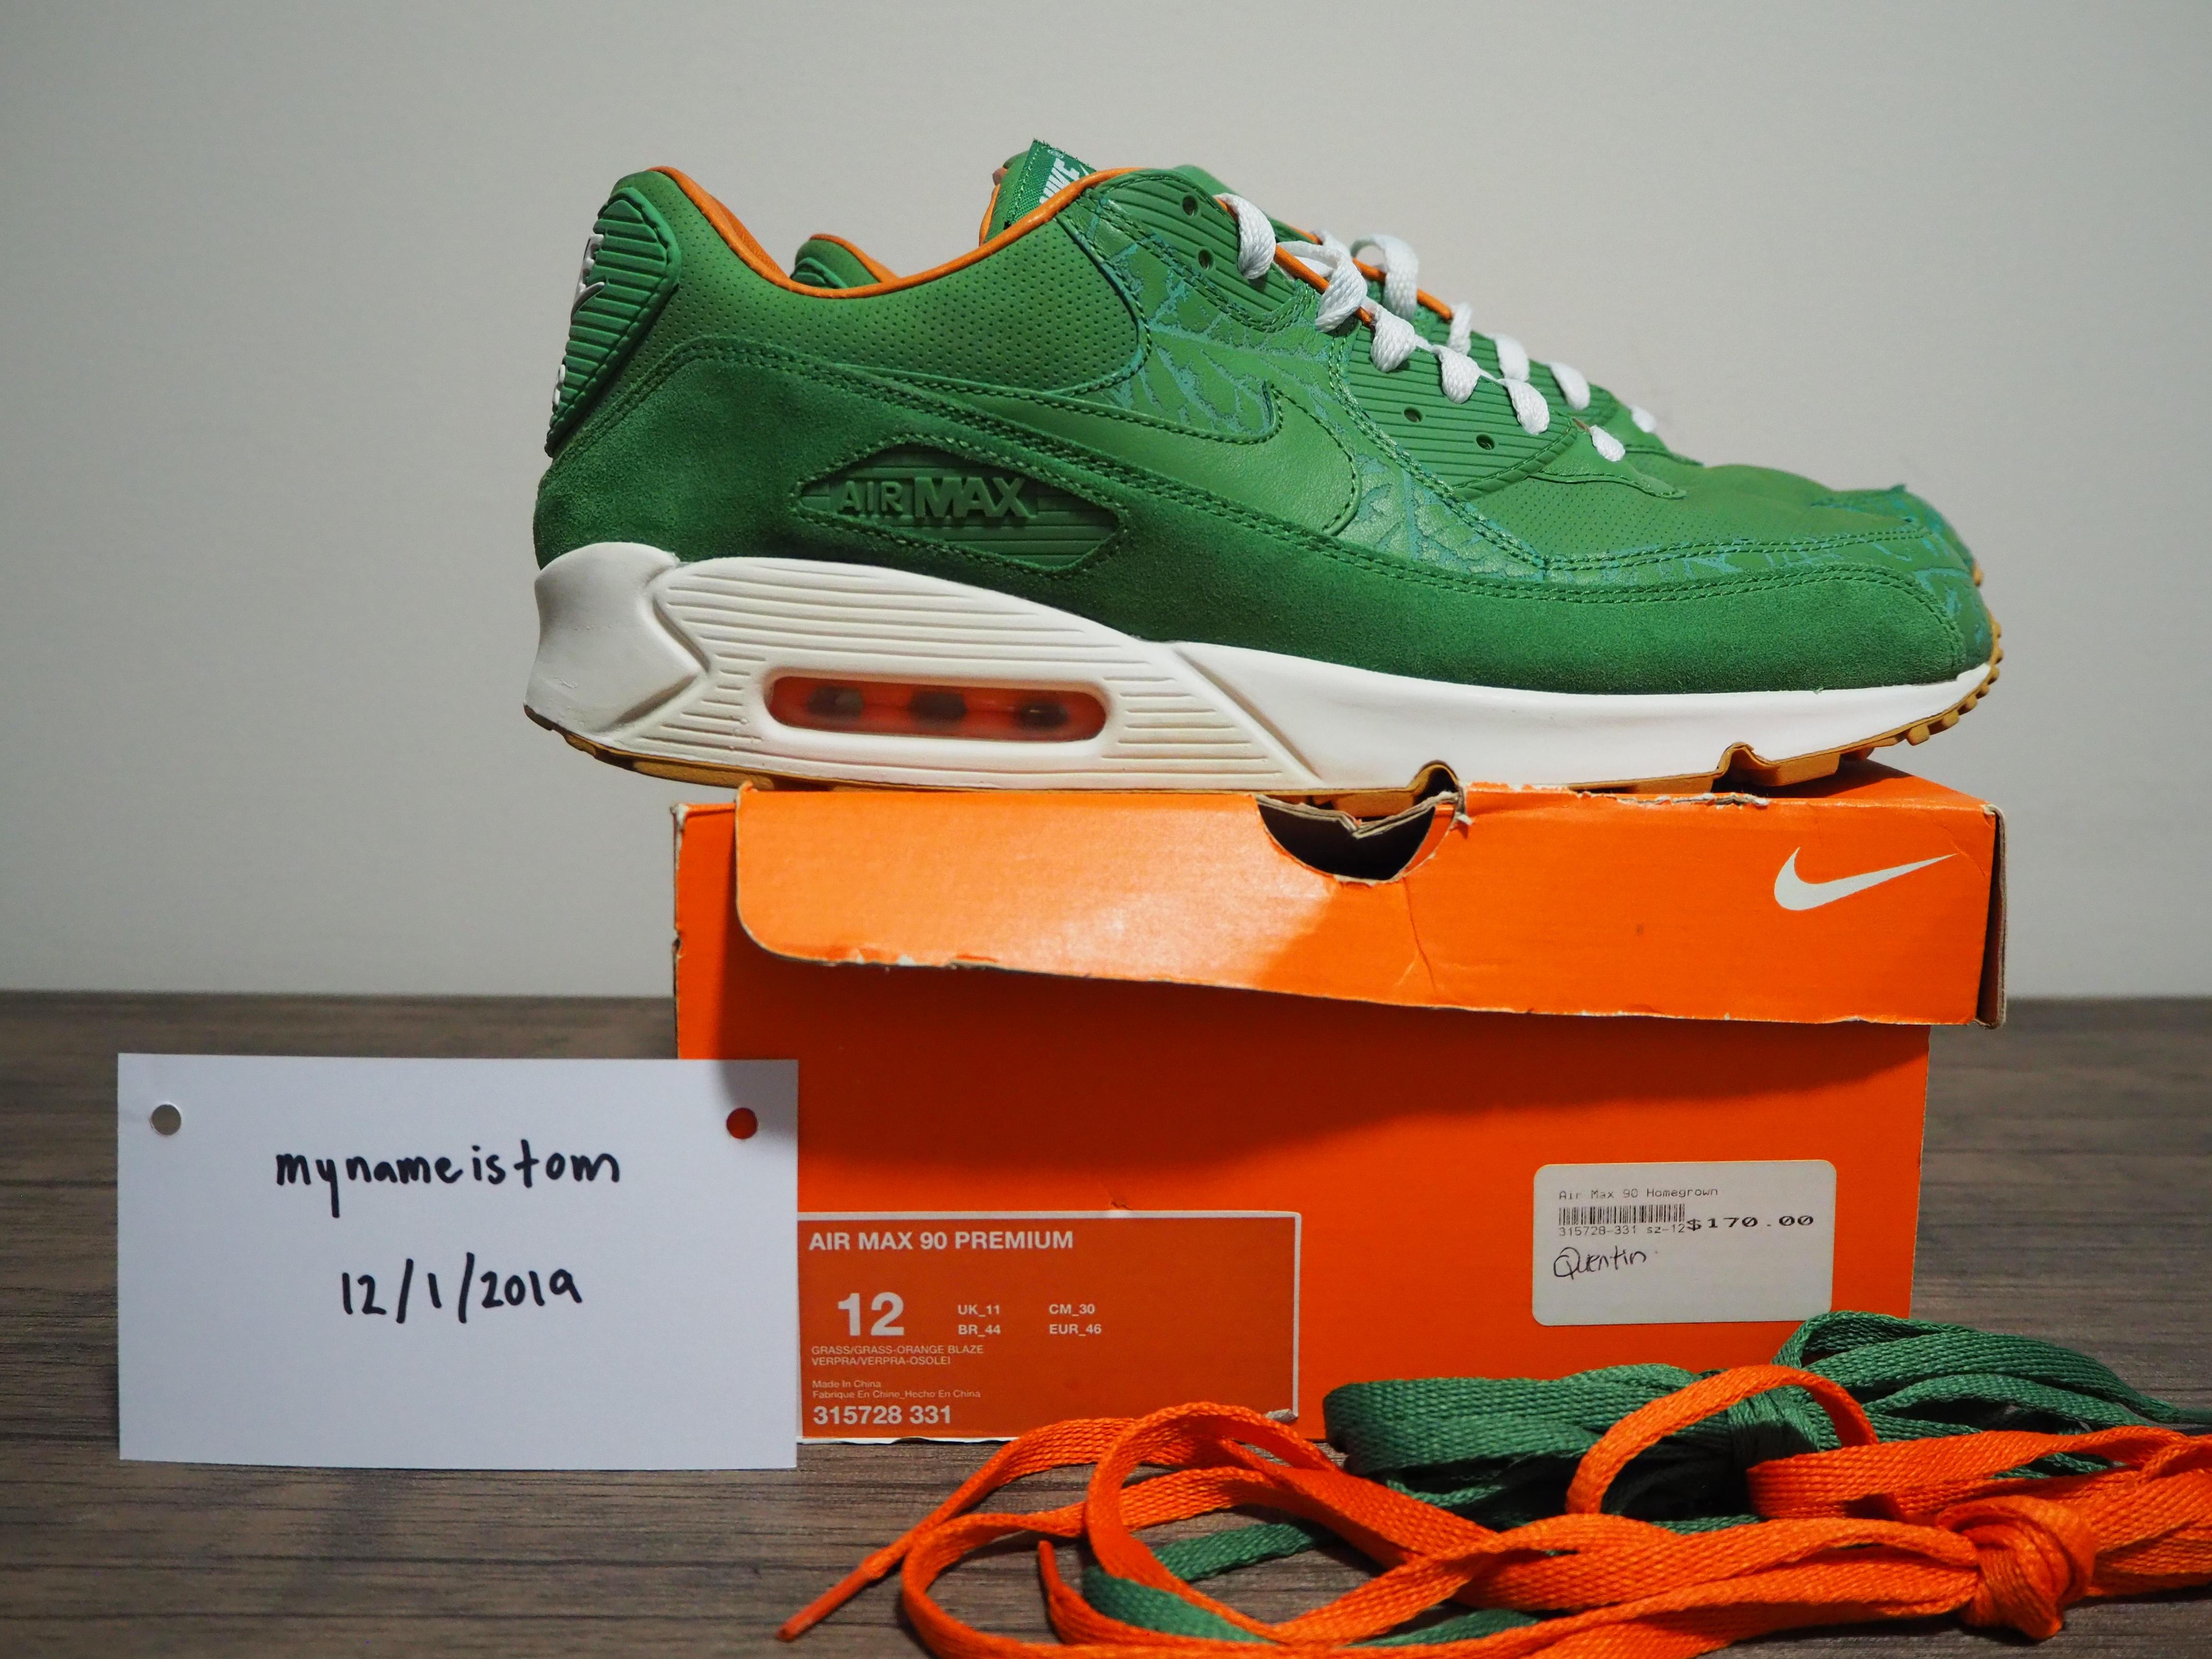 Air Max 90 Premium 'Homegrown' Nike 315728 331   GOAT